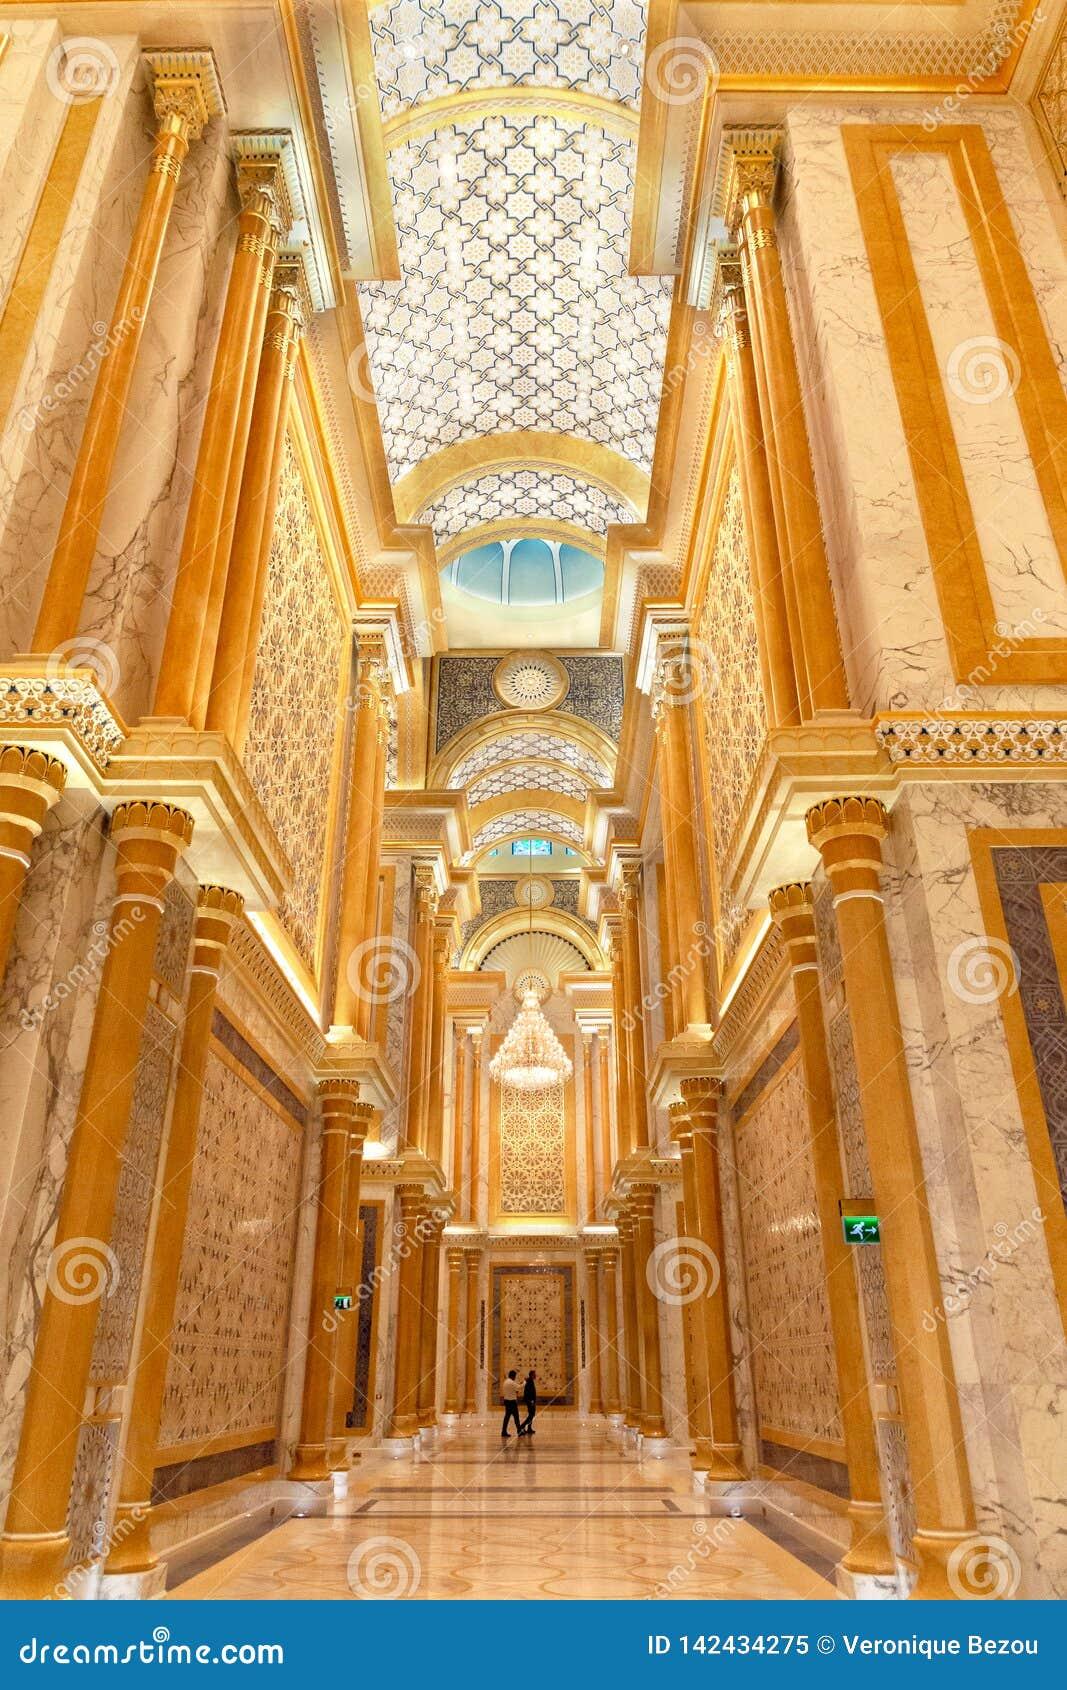 Qasr Al Watan, palacio presidencial de los UAE, Abu Dhabi